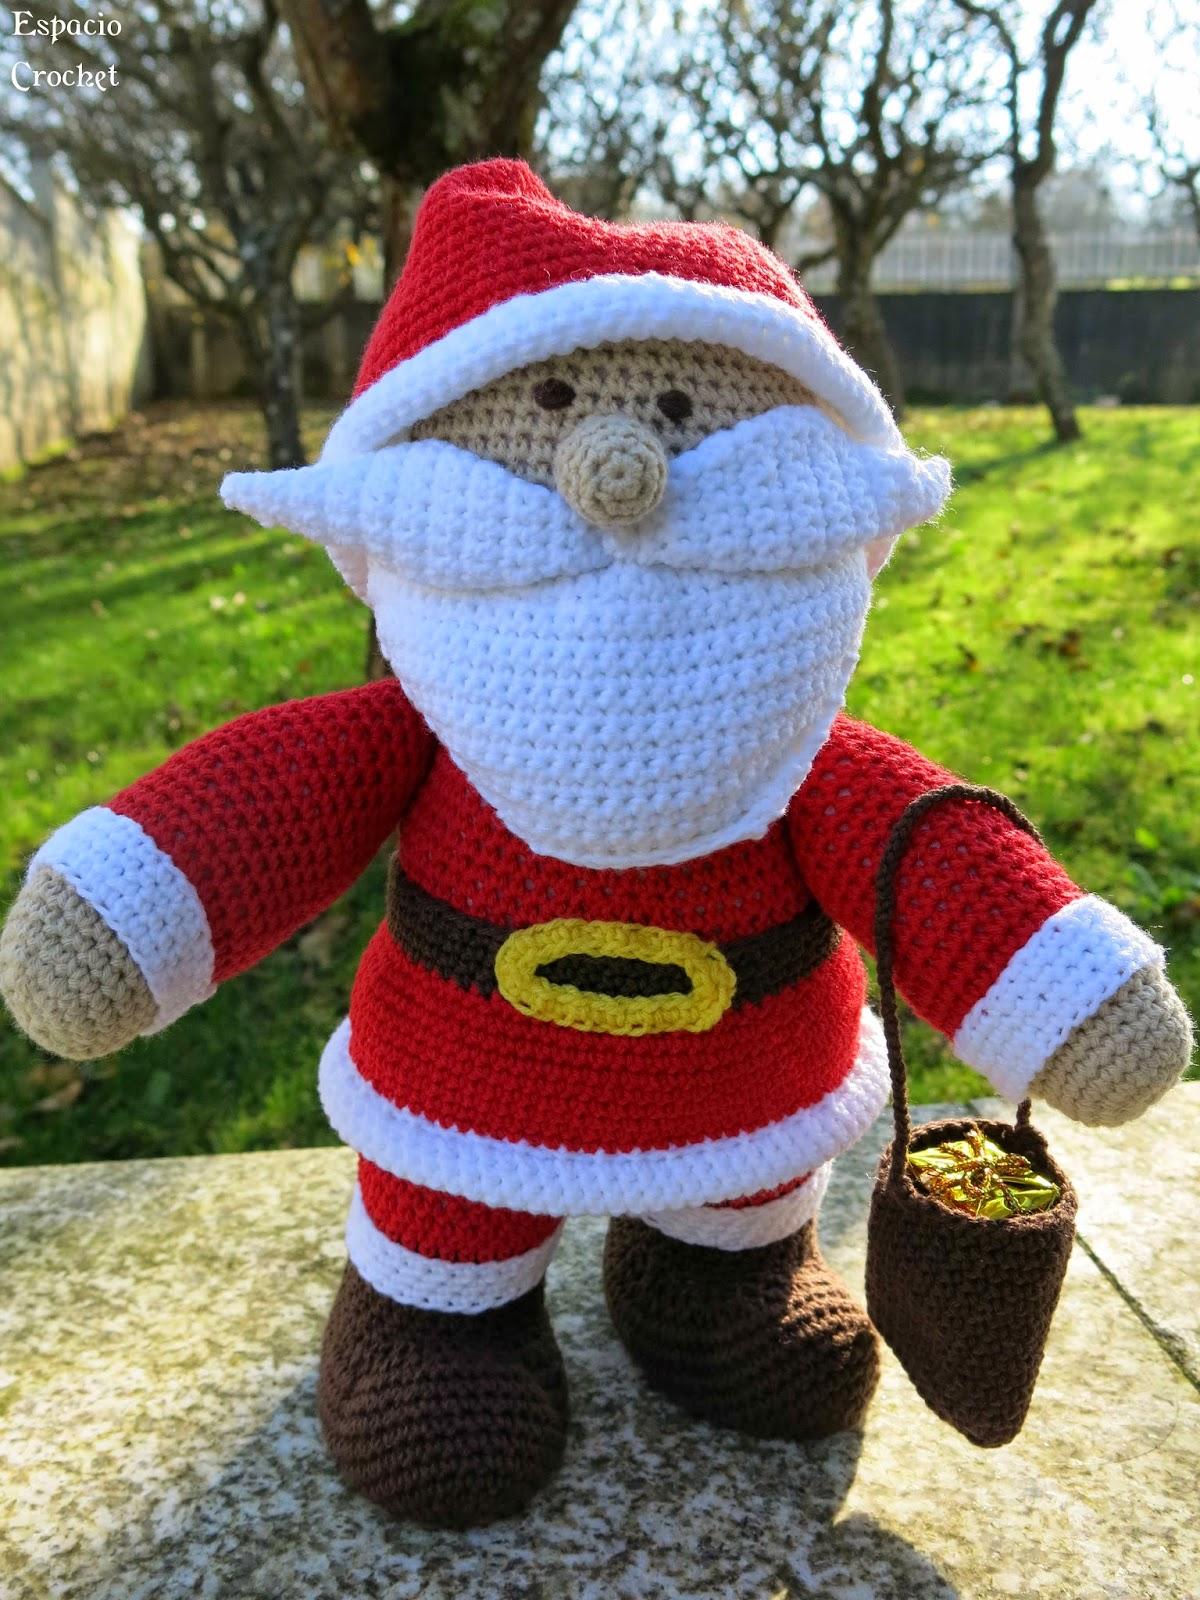 Papá Noel Amigurumi   Espacio Crochet